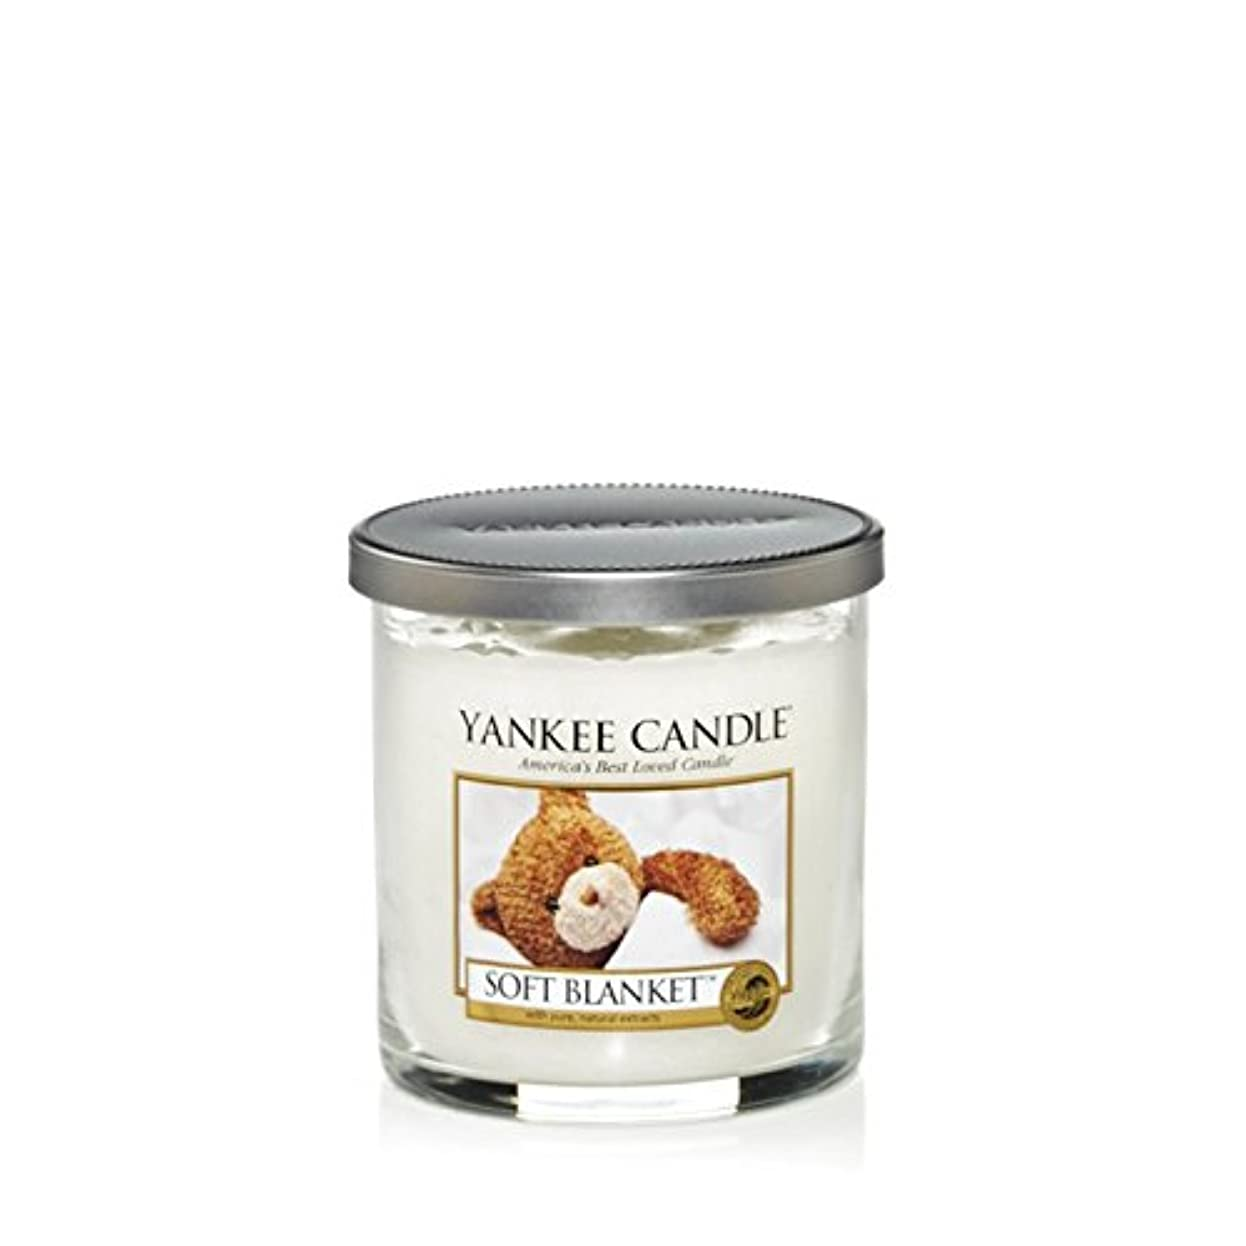 あいさつおとなしいかもしれないYankee Candles Small Pillar Candle - Soft Blanket (Pack of 2) - ヤンキーキャンドルの小さな柱キャンドル - ソフト毛布 (x2) [並行輸入品]